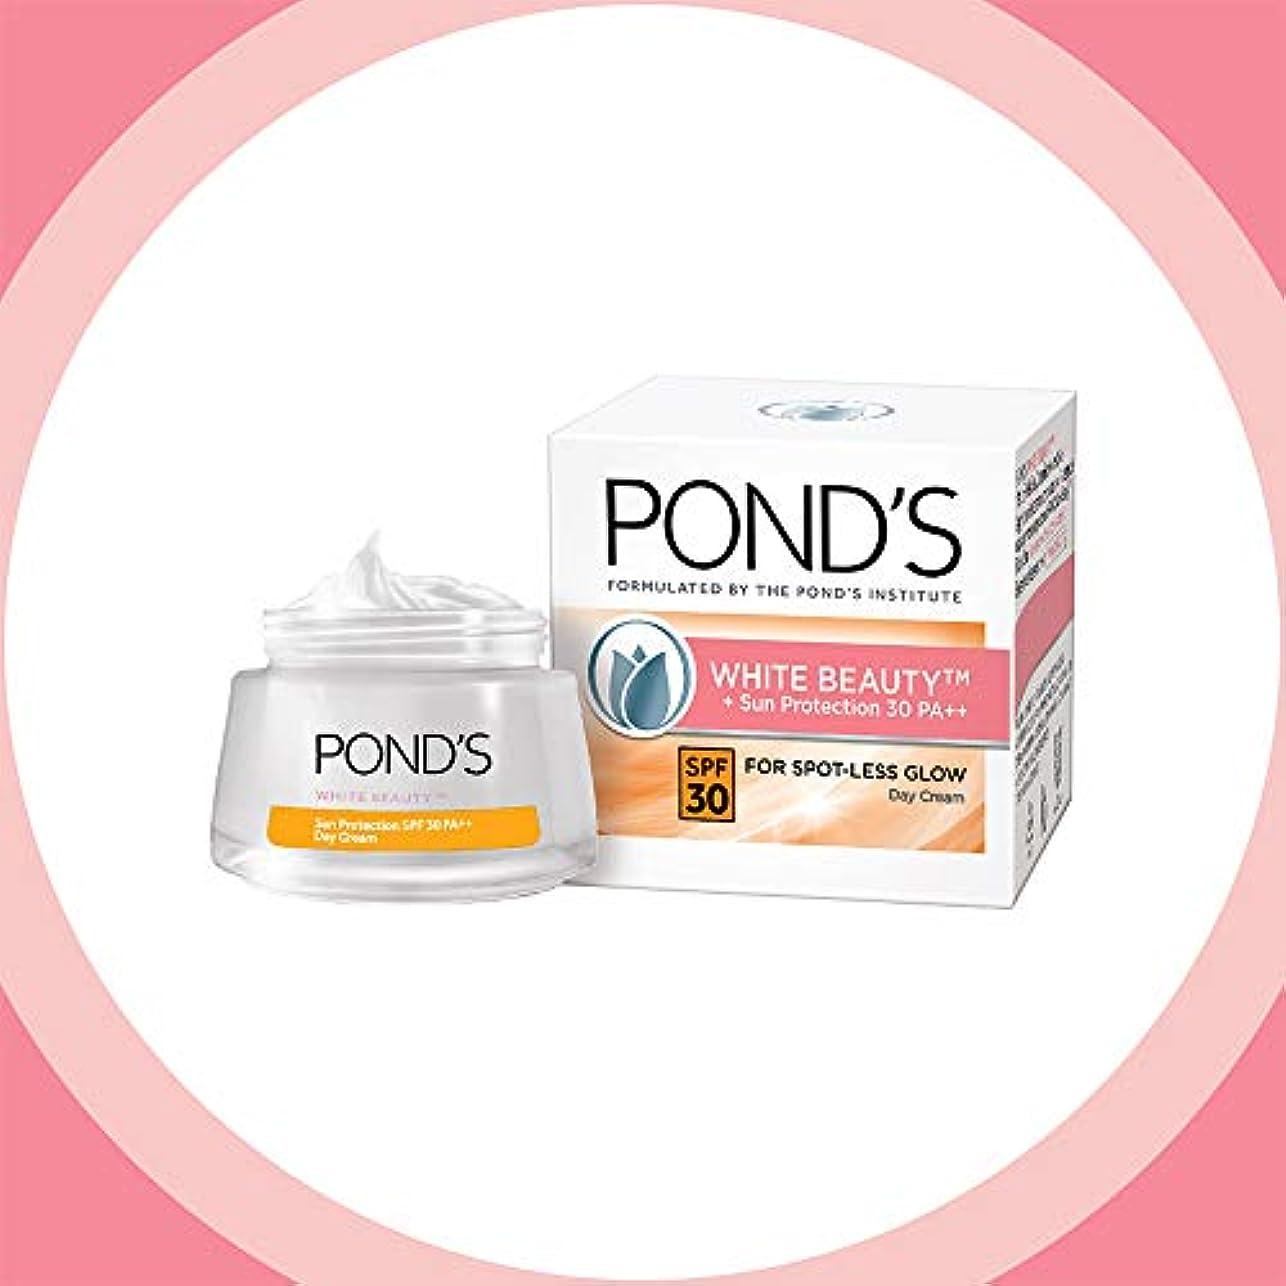 娘監査警官POND'S White Beauty Sun Protection SPF 30 Day Cream, 50 g